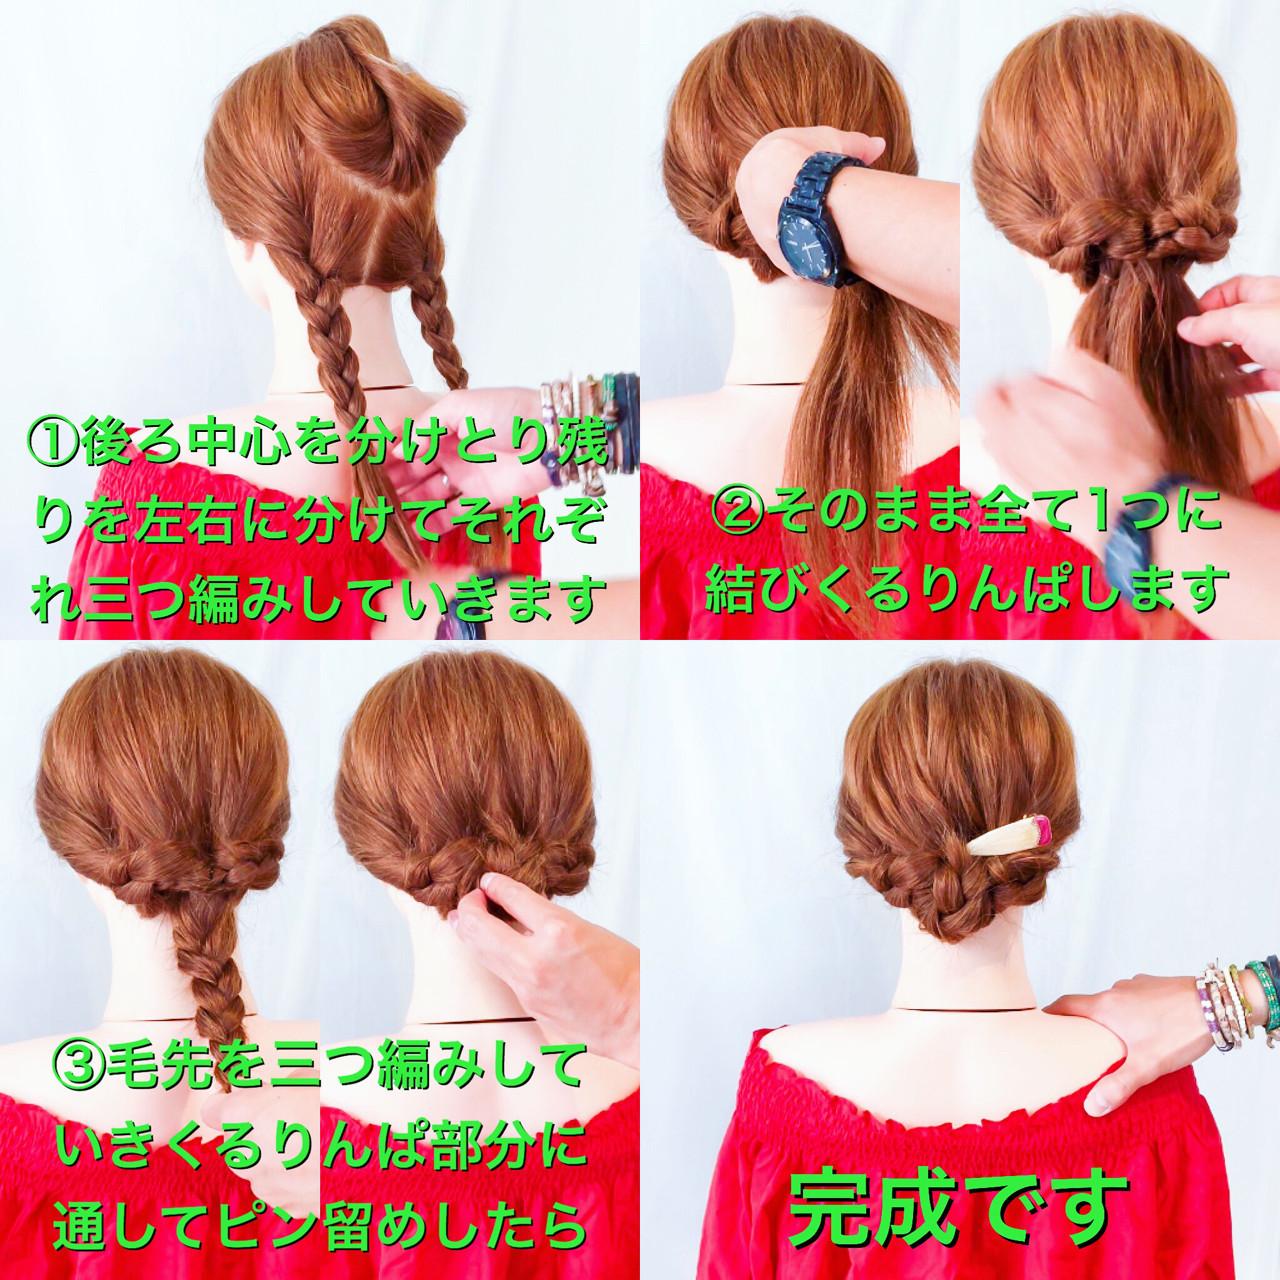 三つ編みプラスで可愛さを増量! 美容師 HIRO